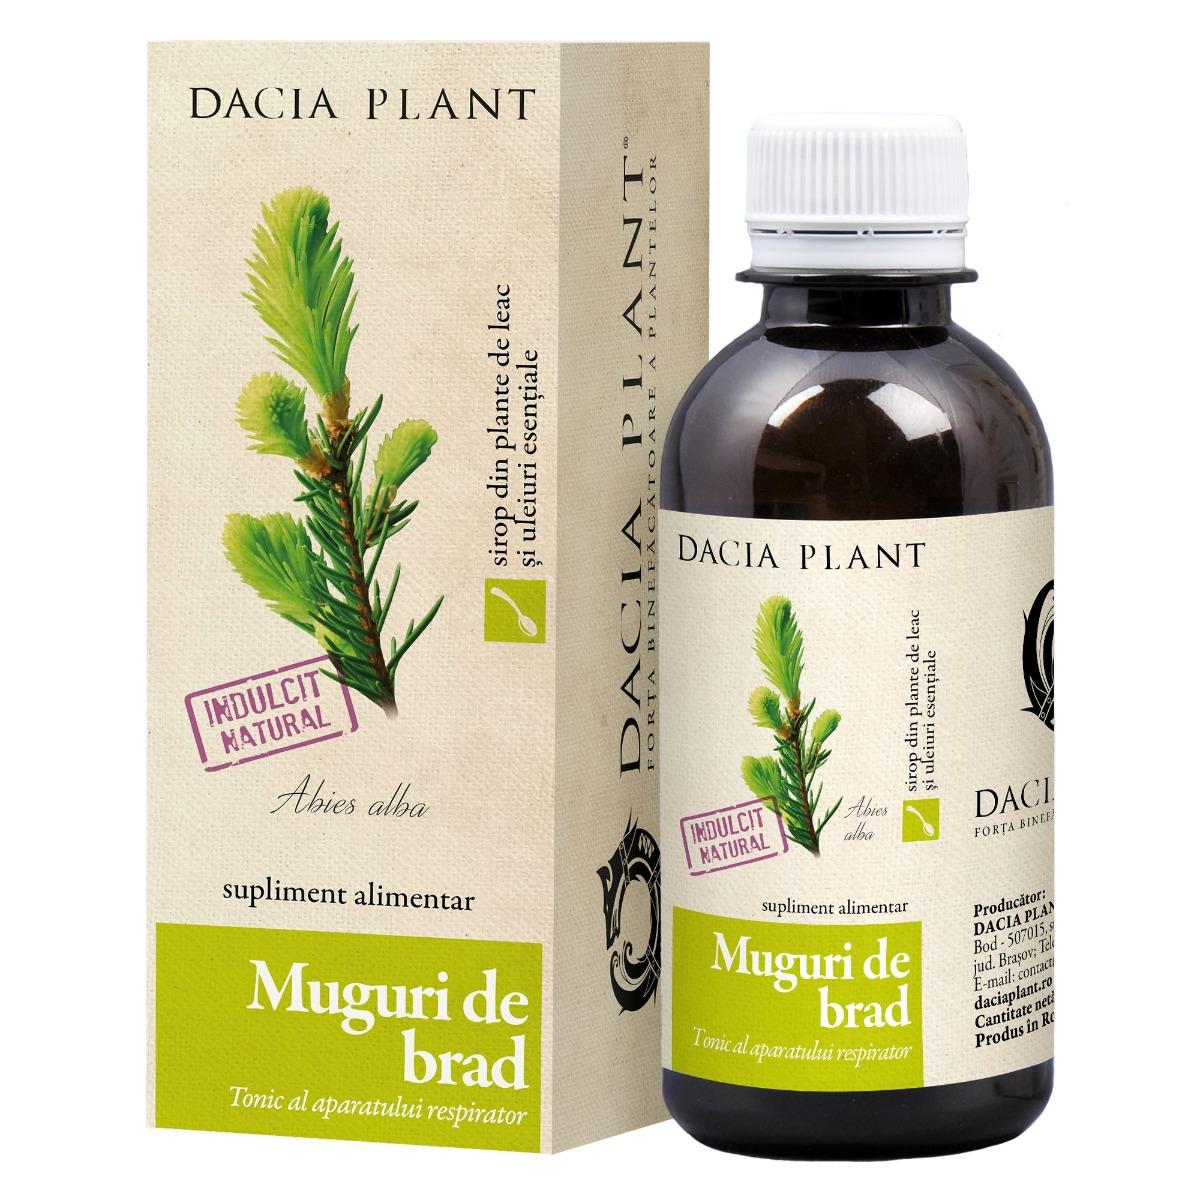 Sirop Muguri de brad, 200 ml, Dacia Plant drmax.ro